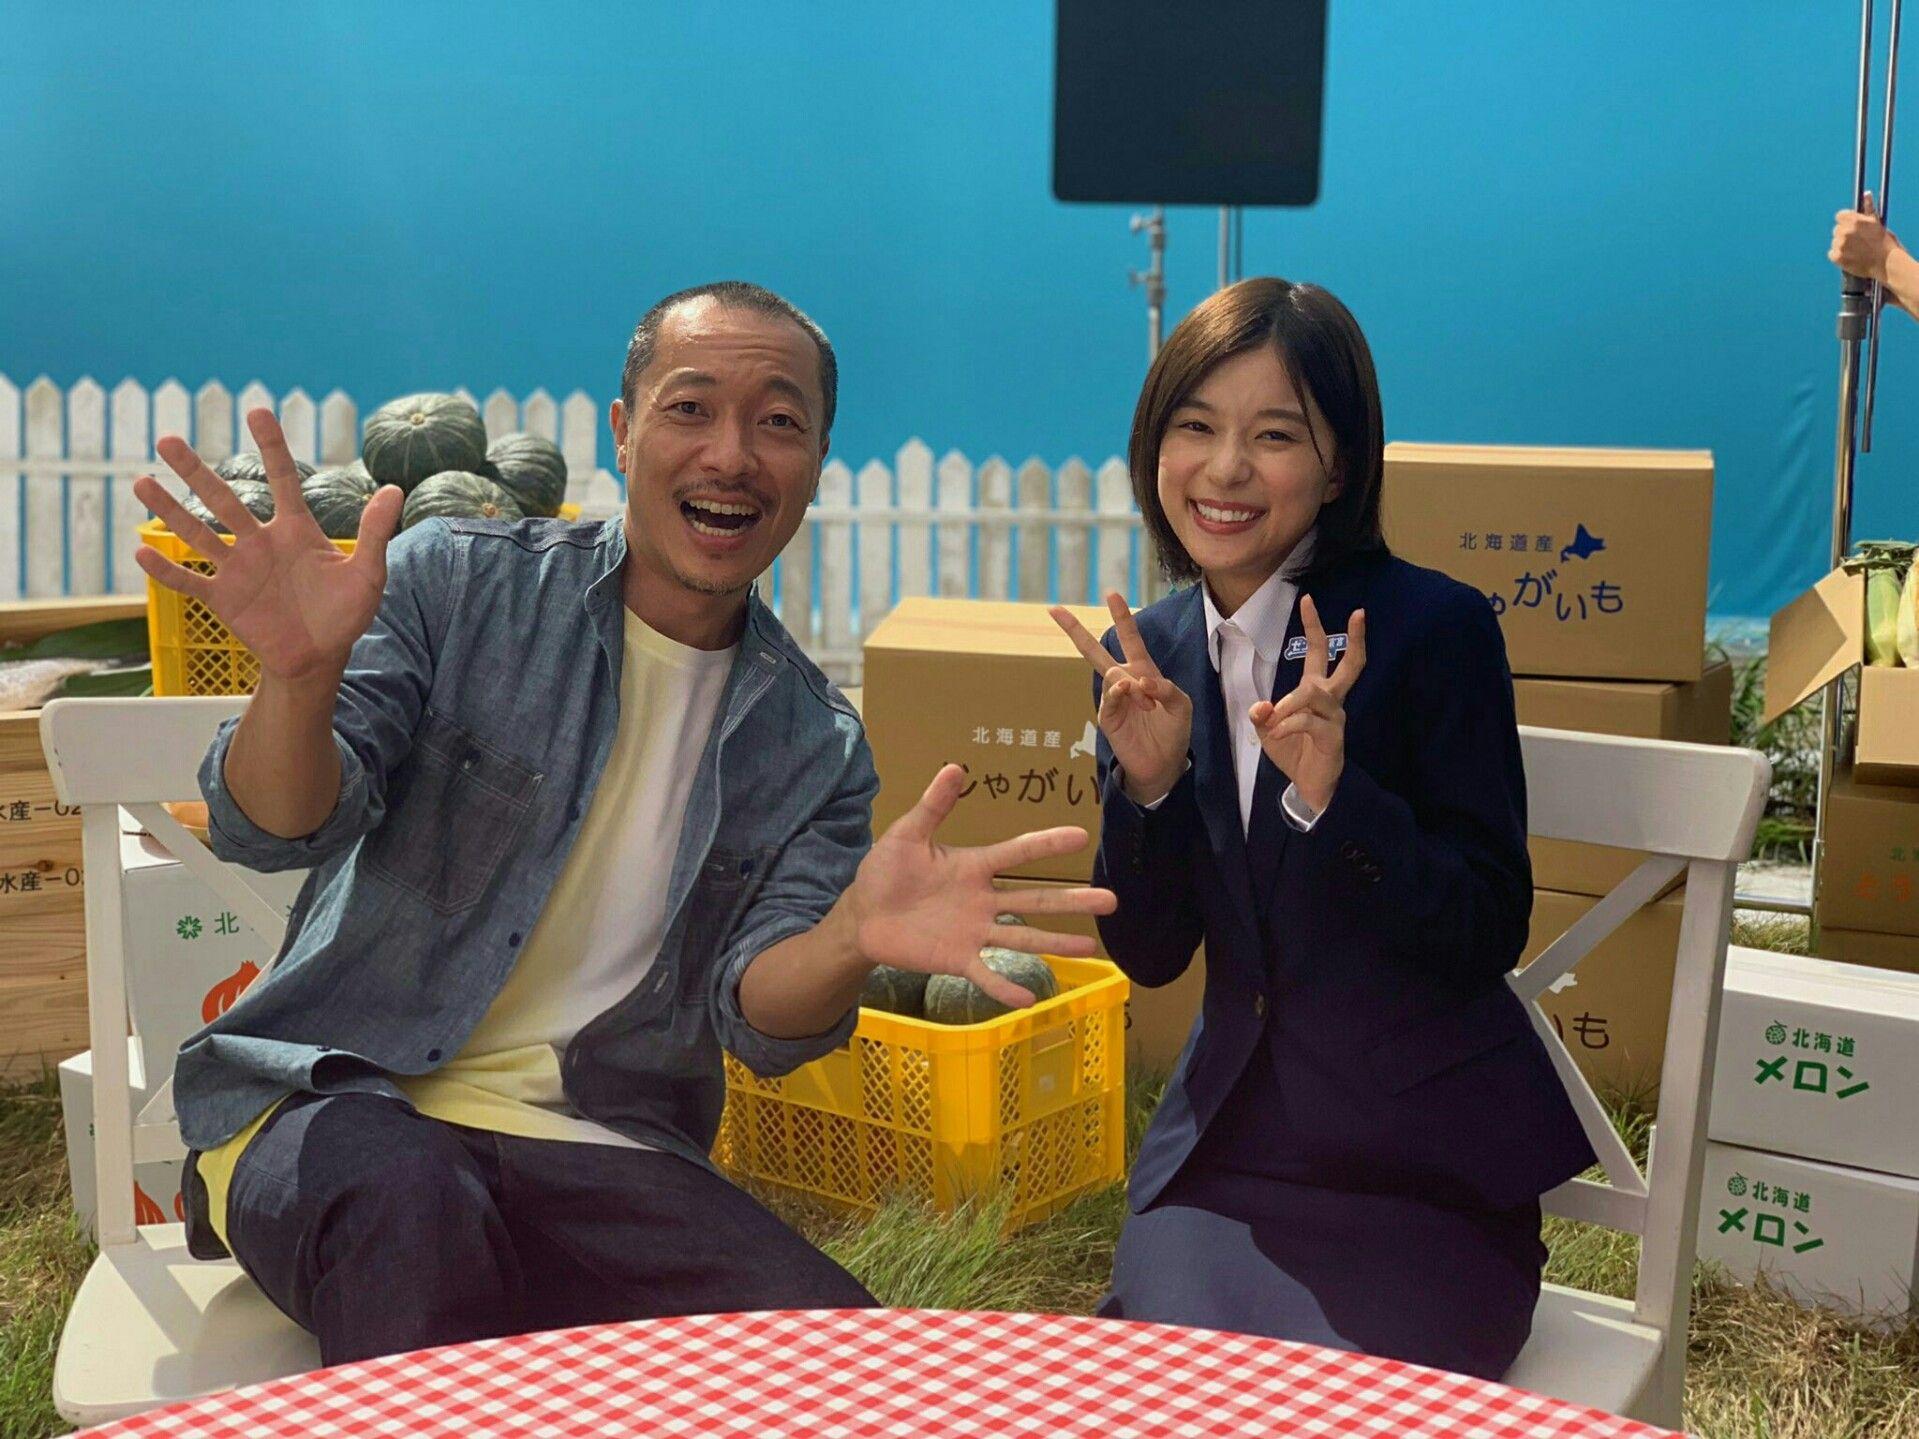 ほくでんのCM】芳根京子さんが可愛い。【でも楽天でんき派